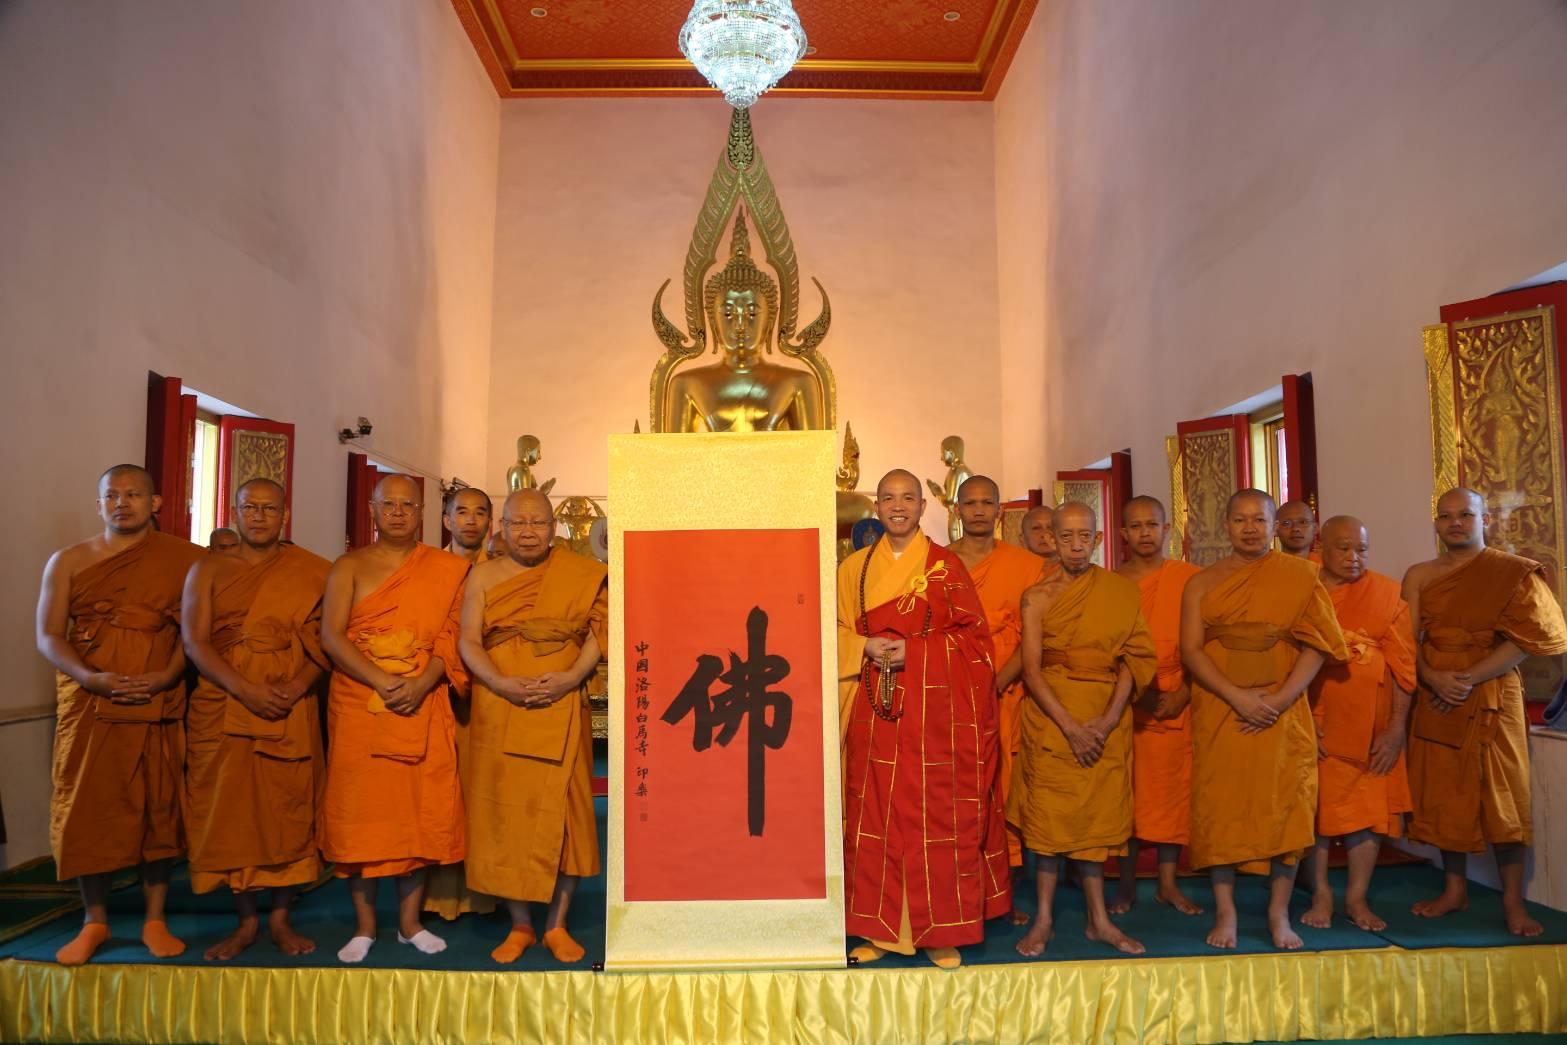 610924-27 พระพรหมวชิรญาณประธานพิธีสมโภชวัดเหมอัศวาราม จีน 6